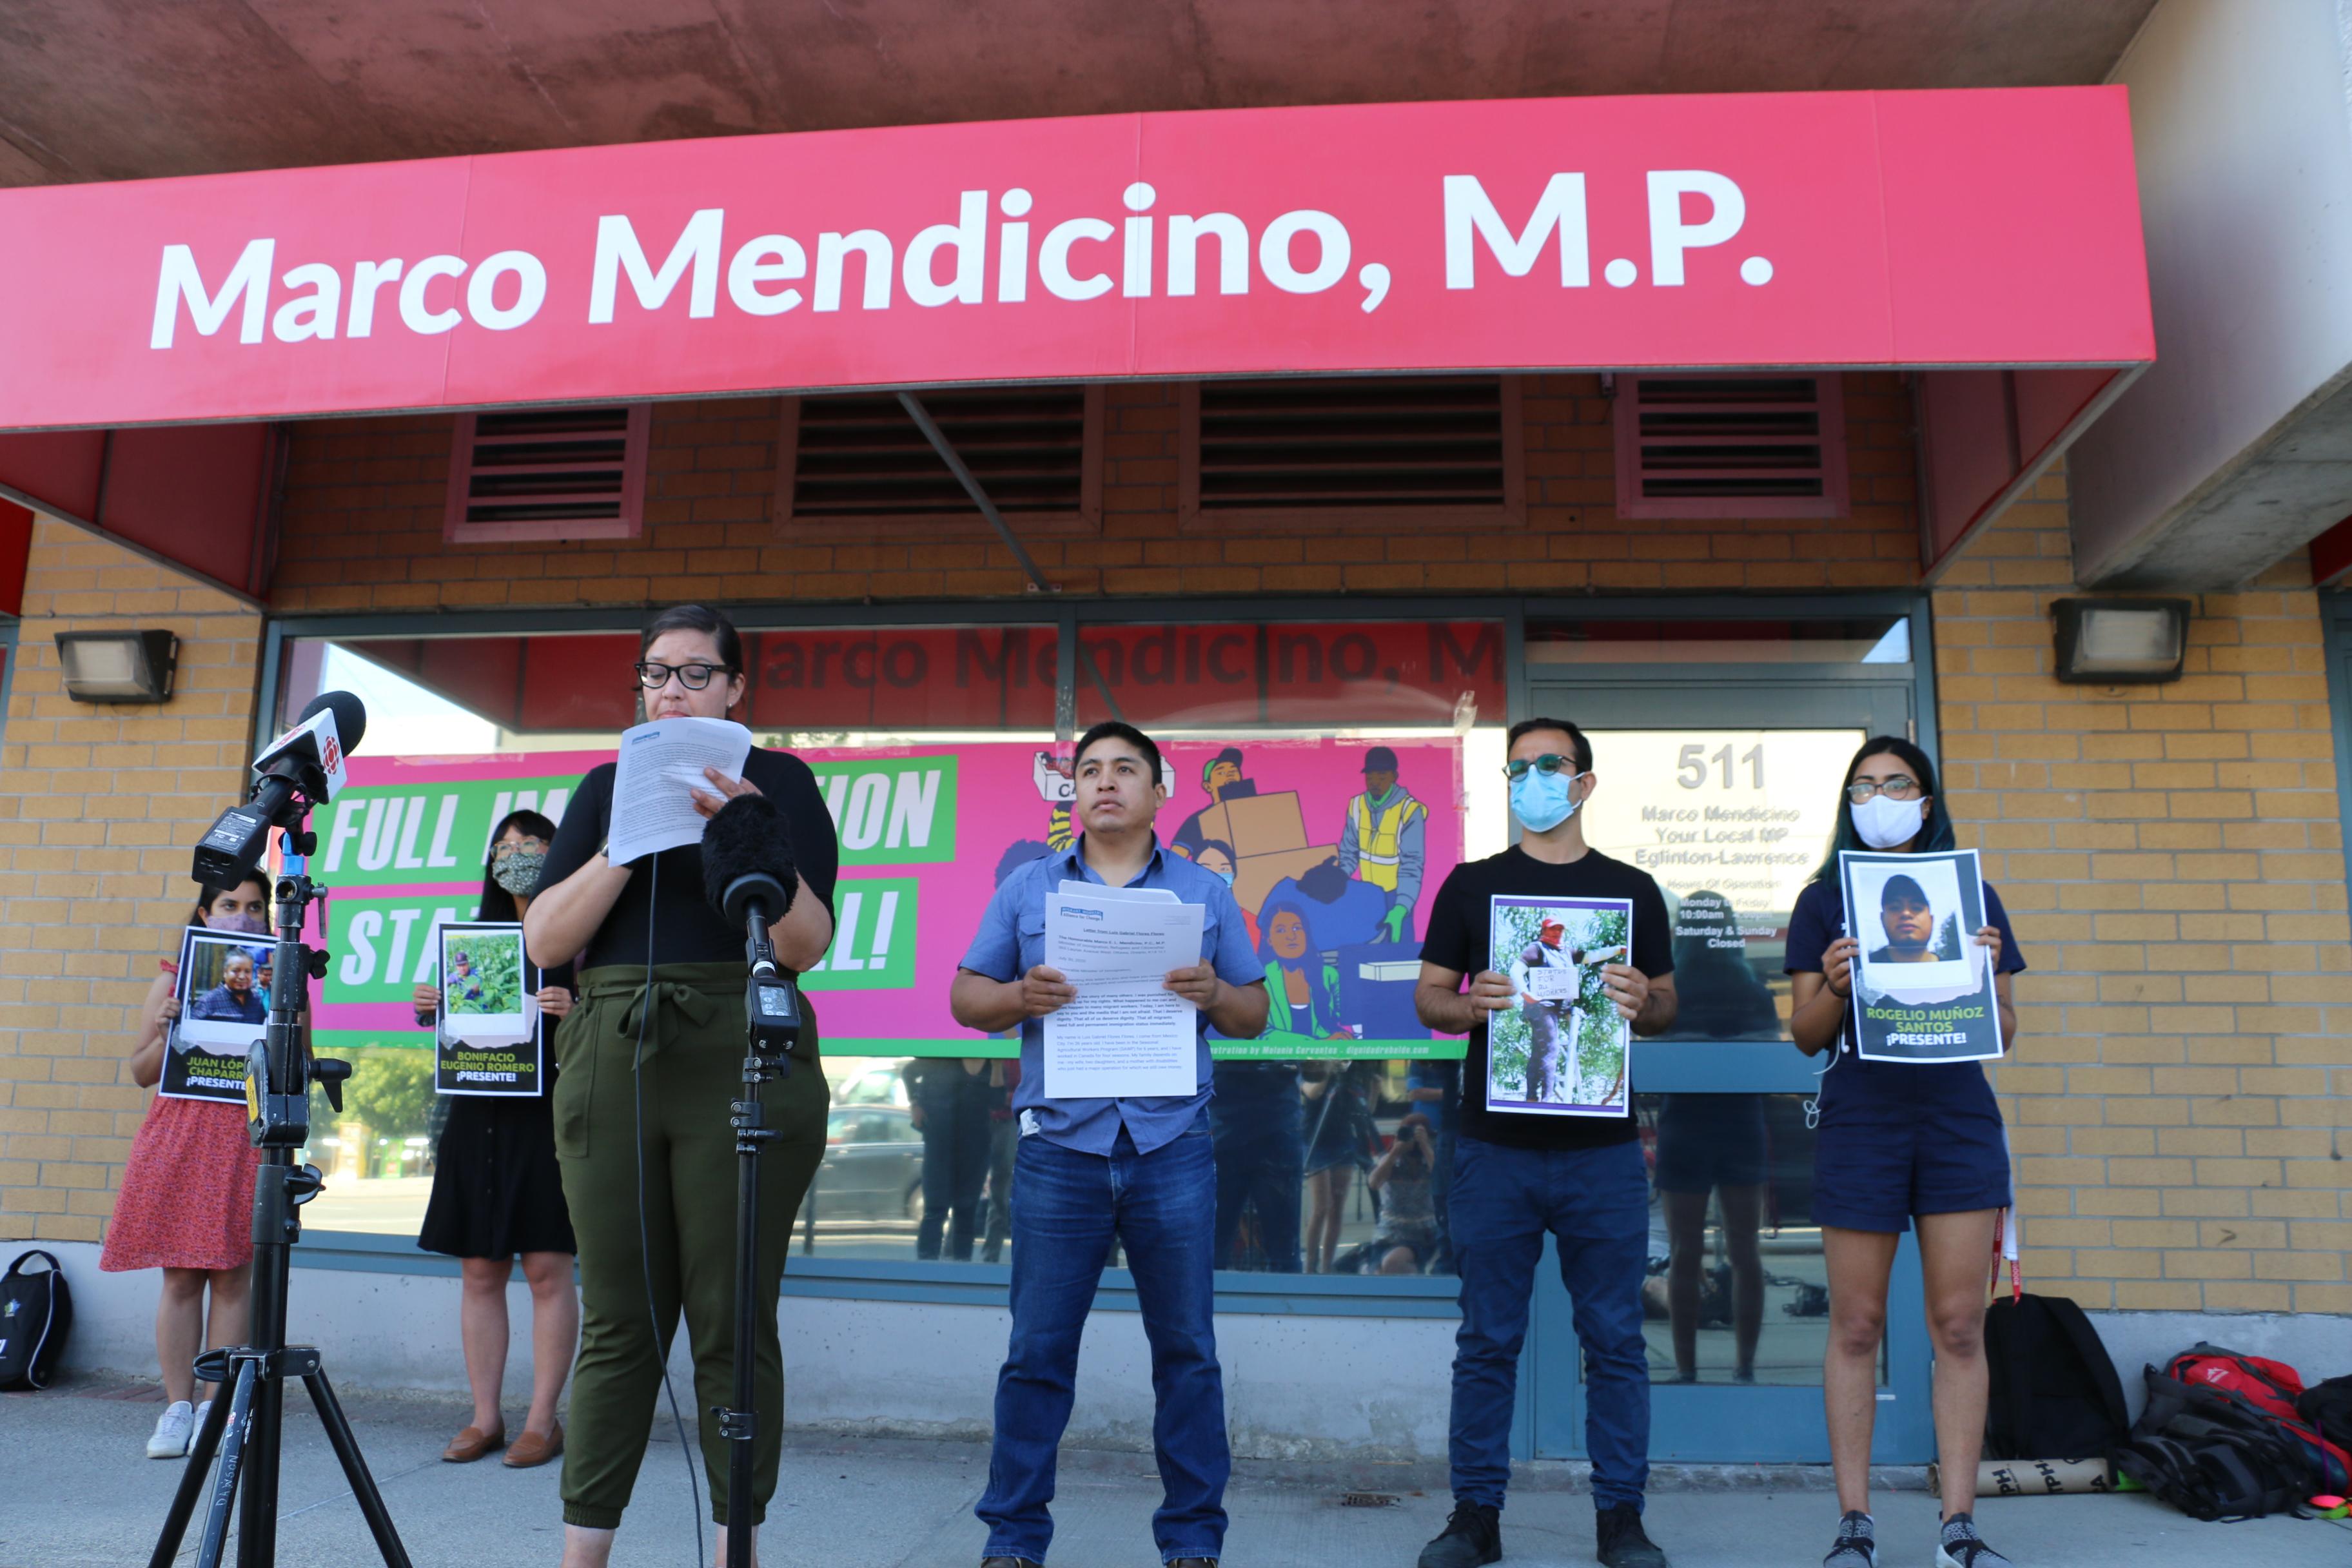 Trabajador agrícola mexicano demanda a la granja que lo despidió